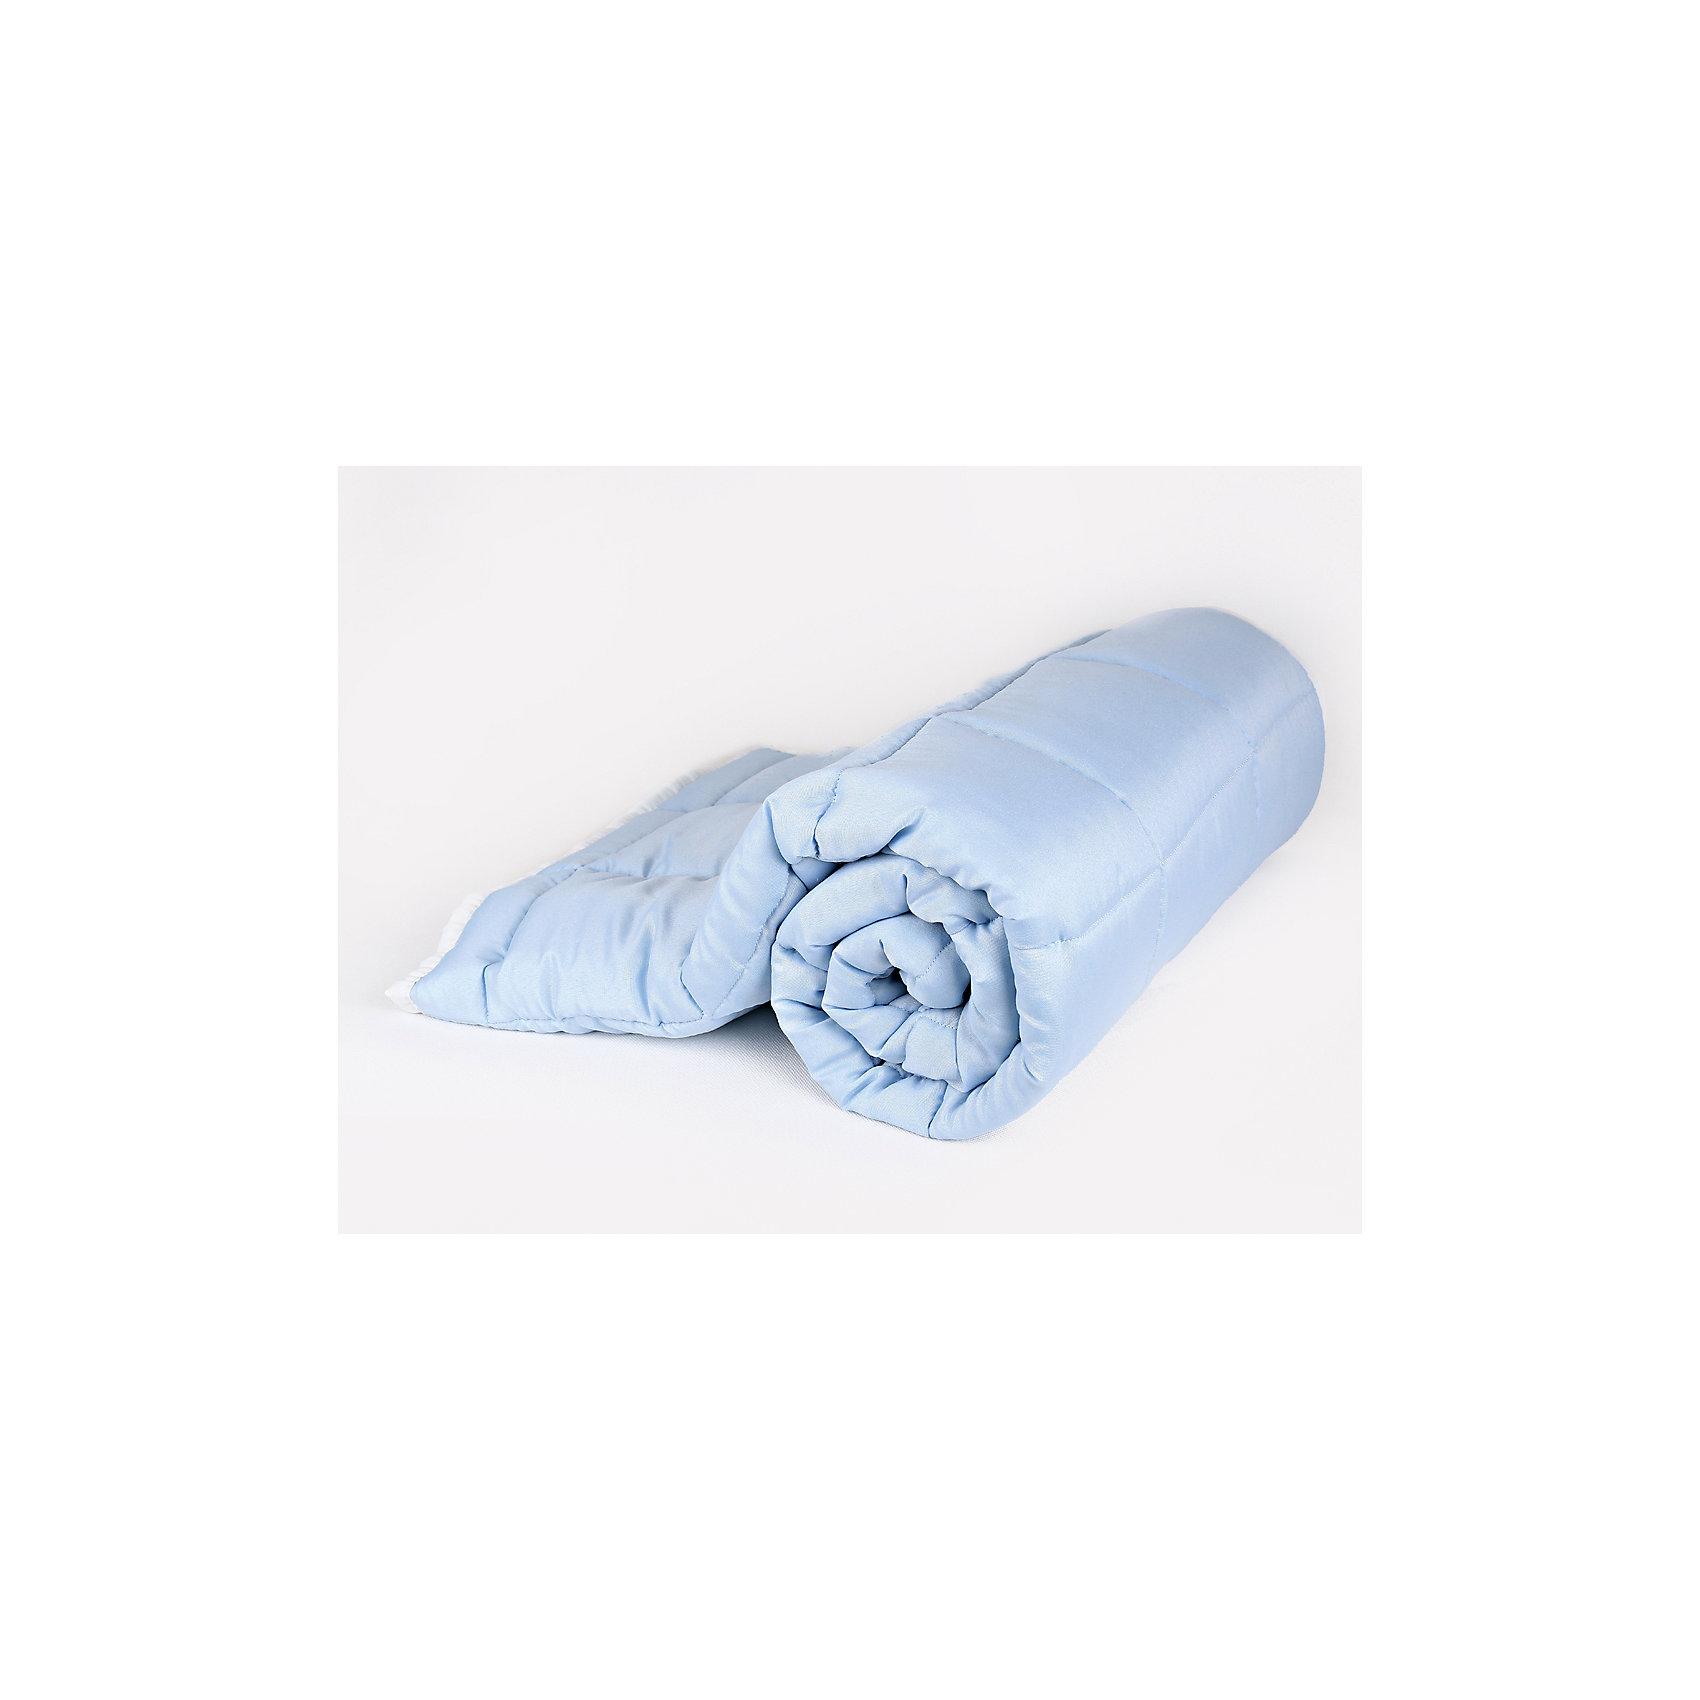 Одеяло стеганное, 110х140 см, Baby Nice, голубойОдеяла, пледы<br>Дополнительная информация:<br><br>Наполнитель файбер (Плотность 300).<br>Размер 110х140 см<br>Вес в упаковке: 500 г.<br>Размер упаковки: 600 х 700 х 200 мм.<br><br>Одеяло стеганное, 110х140 см можно купить в нашем магазине.<br><br>Ширина мм: 600<br>Глубина мм: 700<br>Высота мм: 200<br>Вес г: 500<br>Возраст от месяцев: 0<br>Возраст до месяцев: 60<br>Пол: Мужской<br>Возраст: Детский<br>SKU: 3975566